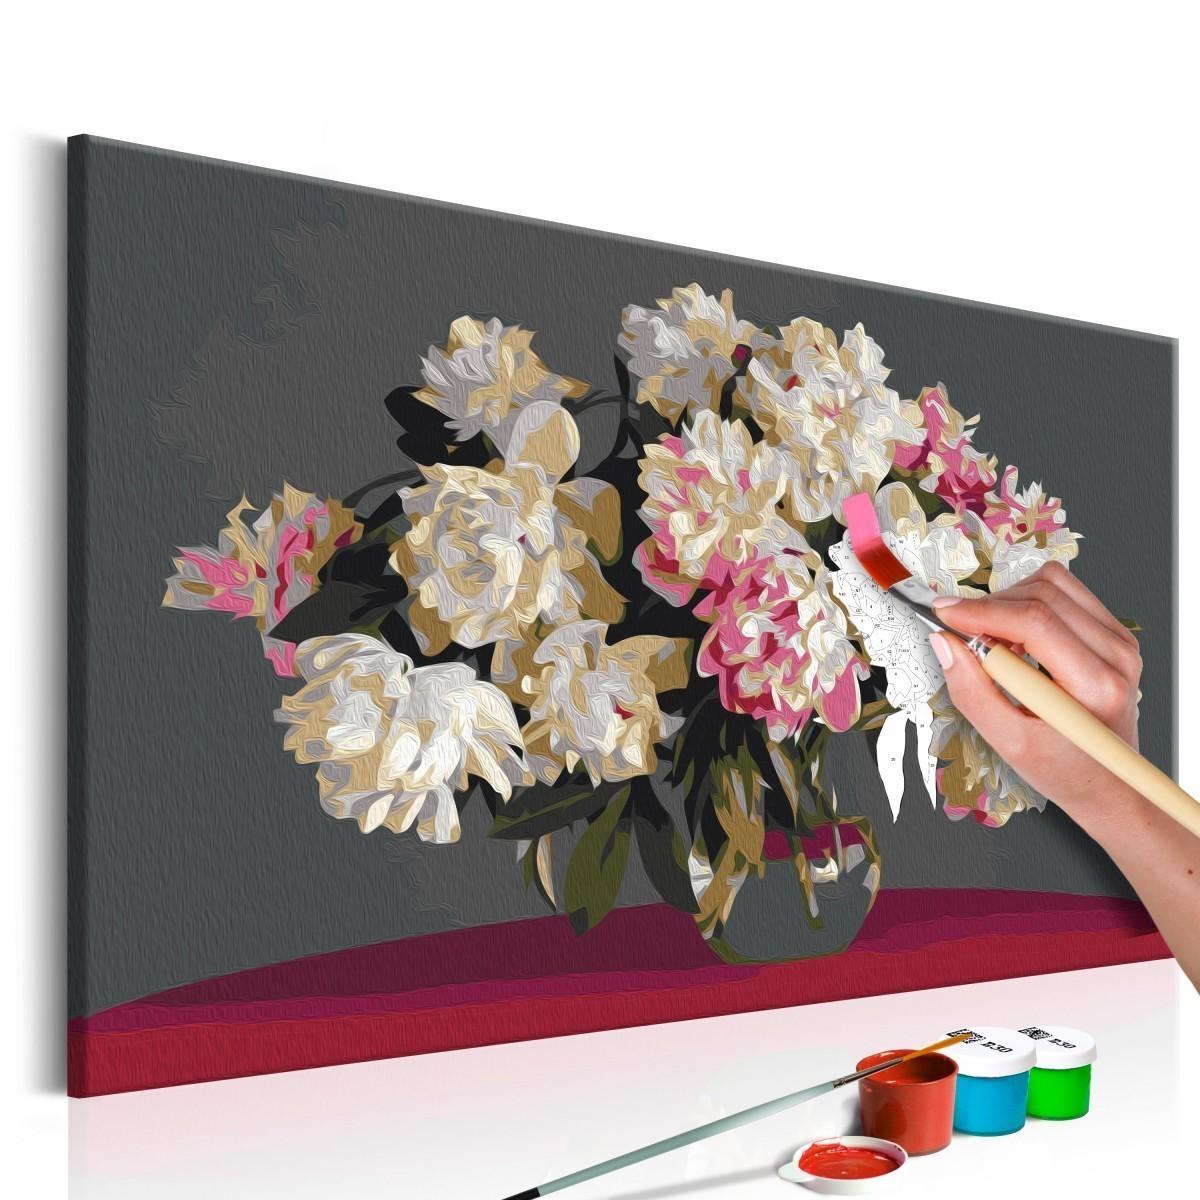 Jak namalować obraz bez umiejętności plastycznych?